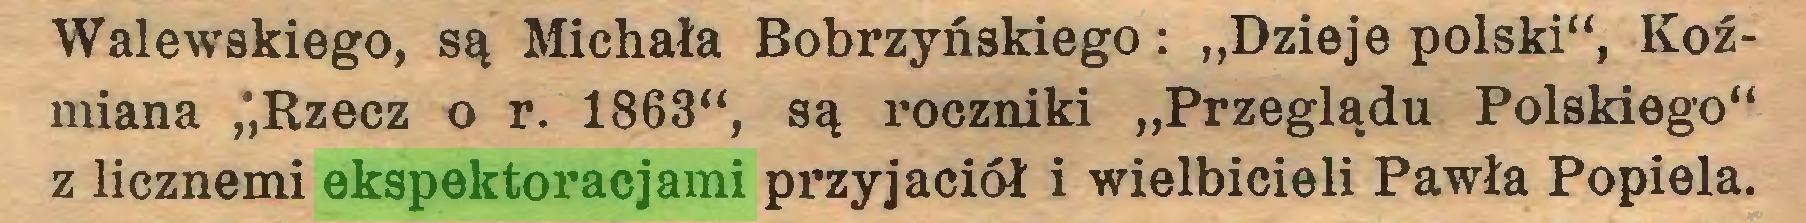 """(...) Walewskiego, są Michała Bobrzyńskiego: """"Dzieje polski"""", Koźmiana ,',Rzecz o r. 1863"""", są roczniki """"Przeglądu Polskiego"""" z licznemi ekspektoracjami przyjaciół i wielbicieli Pawła Popiela..."""